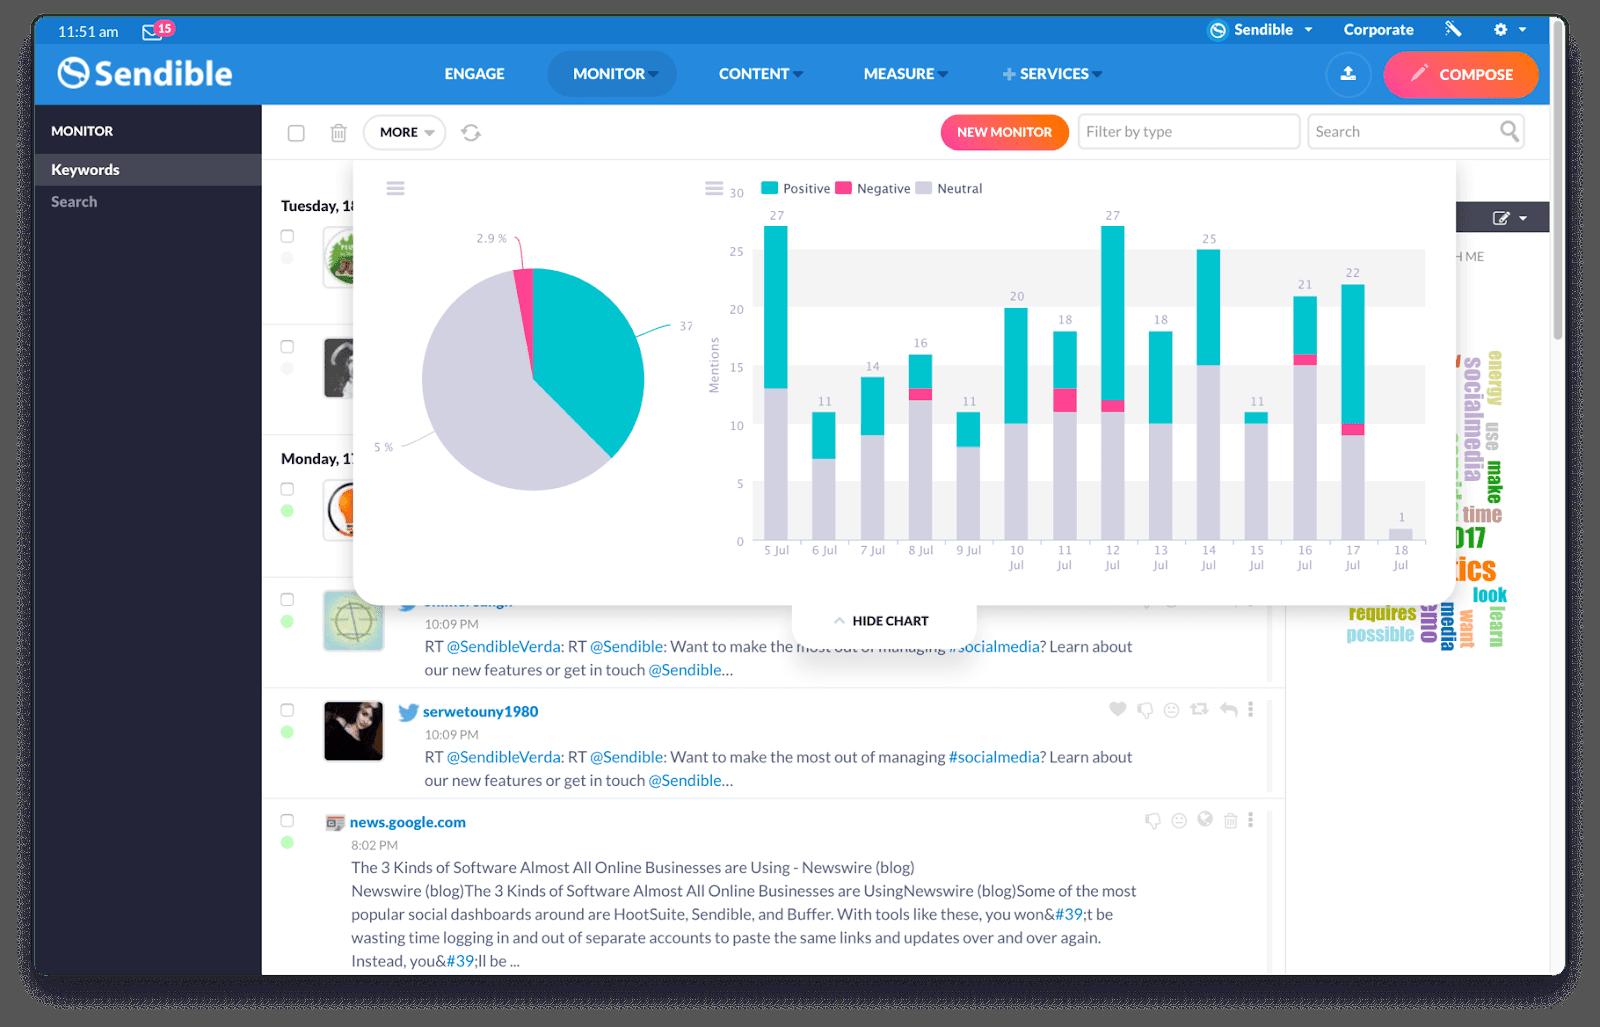 sendible monitoring dashboard for social media monitoring tool